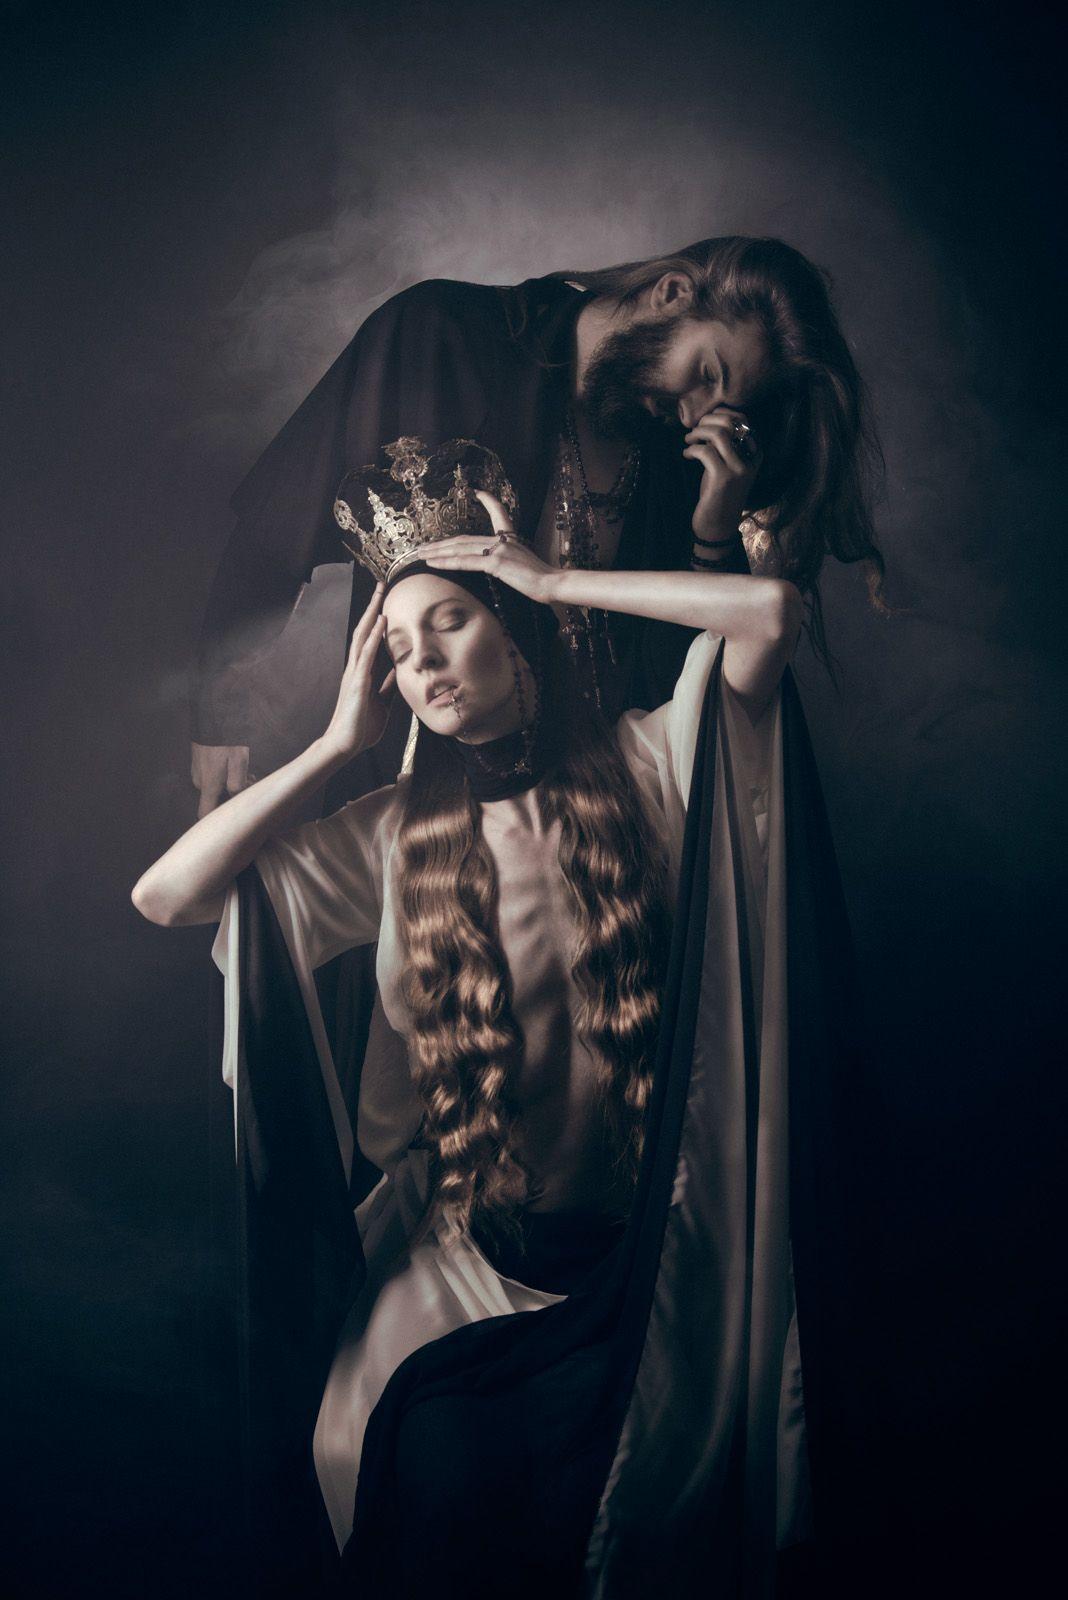 Темные Принцессы и сказочные миры в фотографиях Viona новые фото